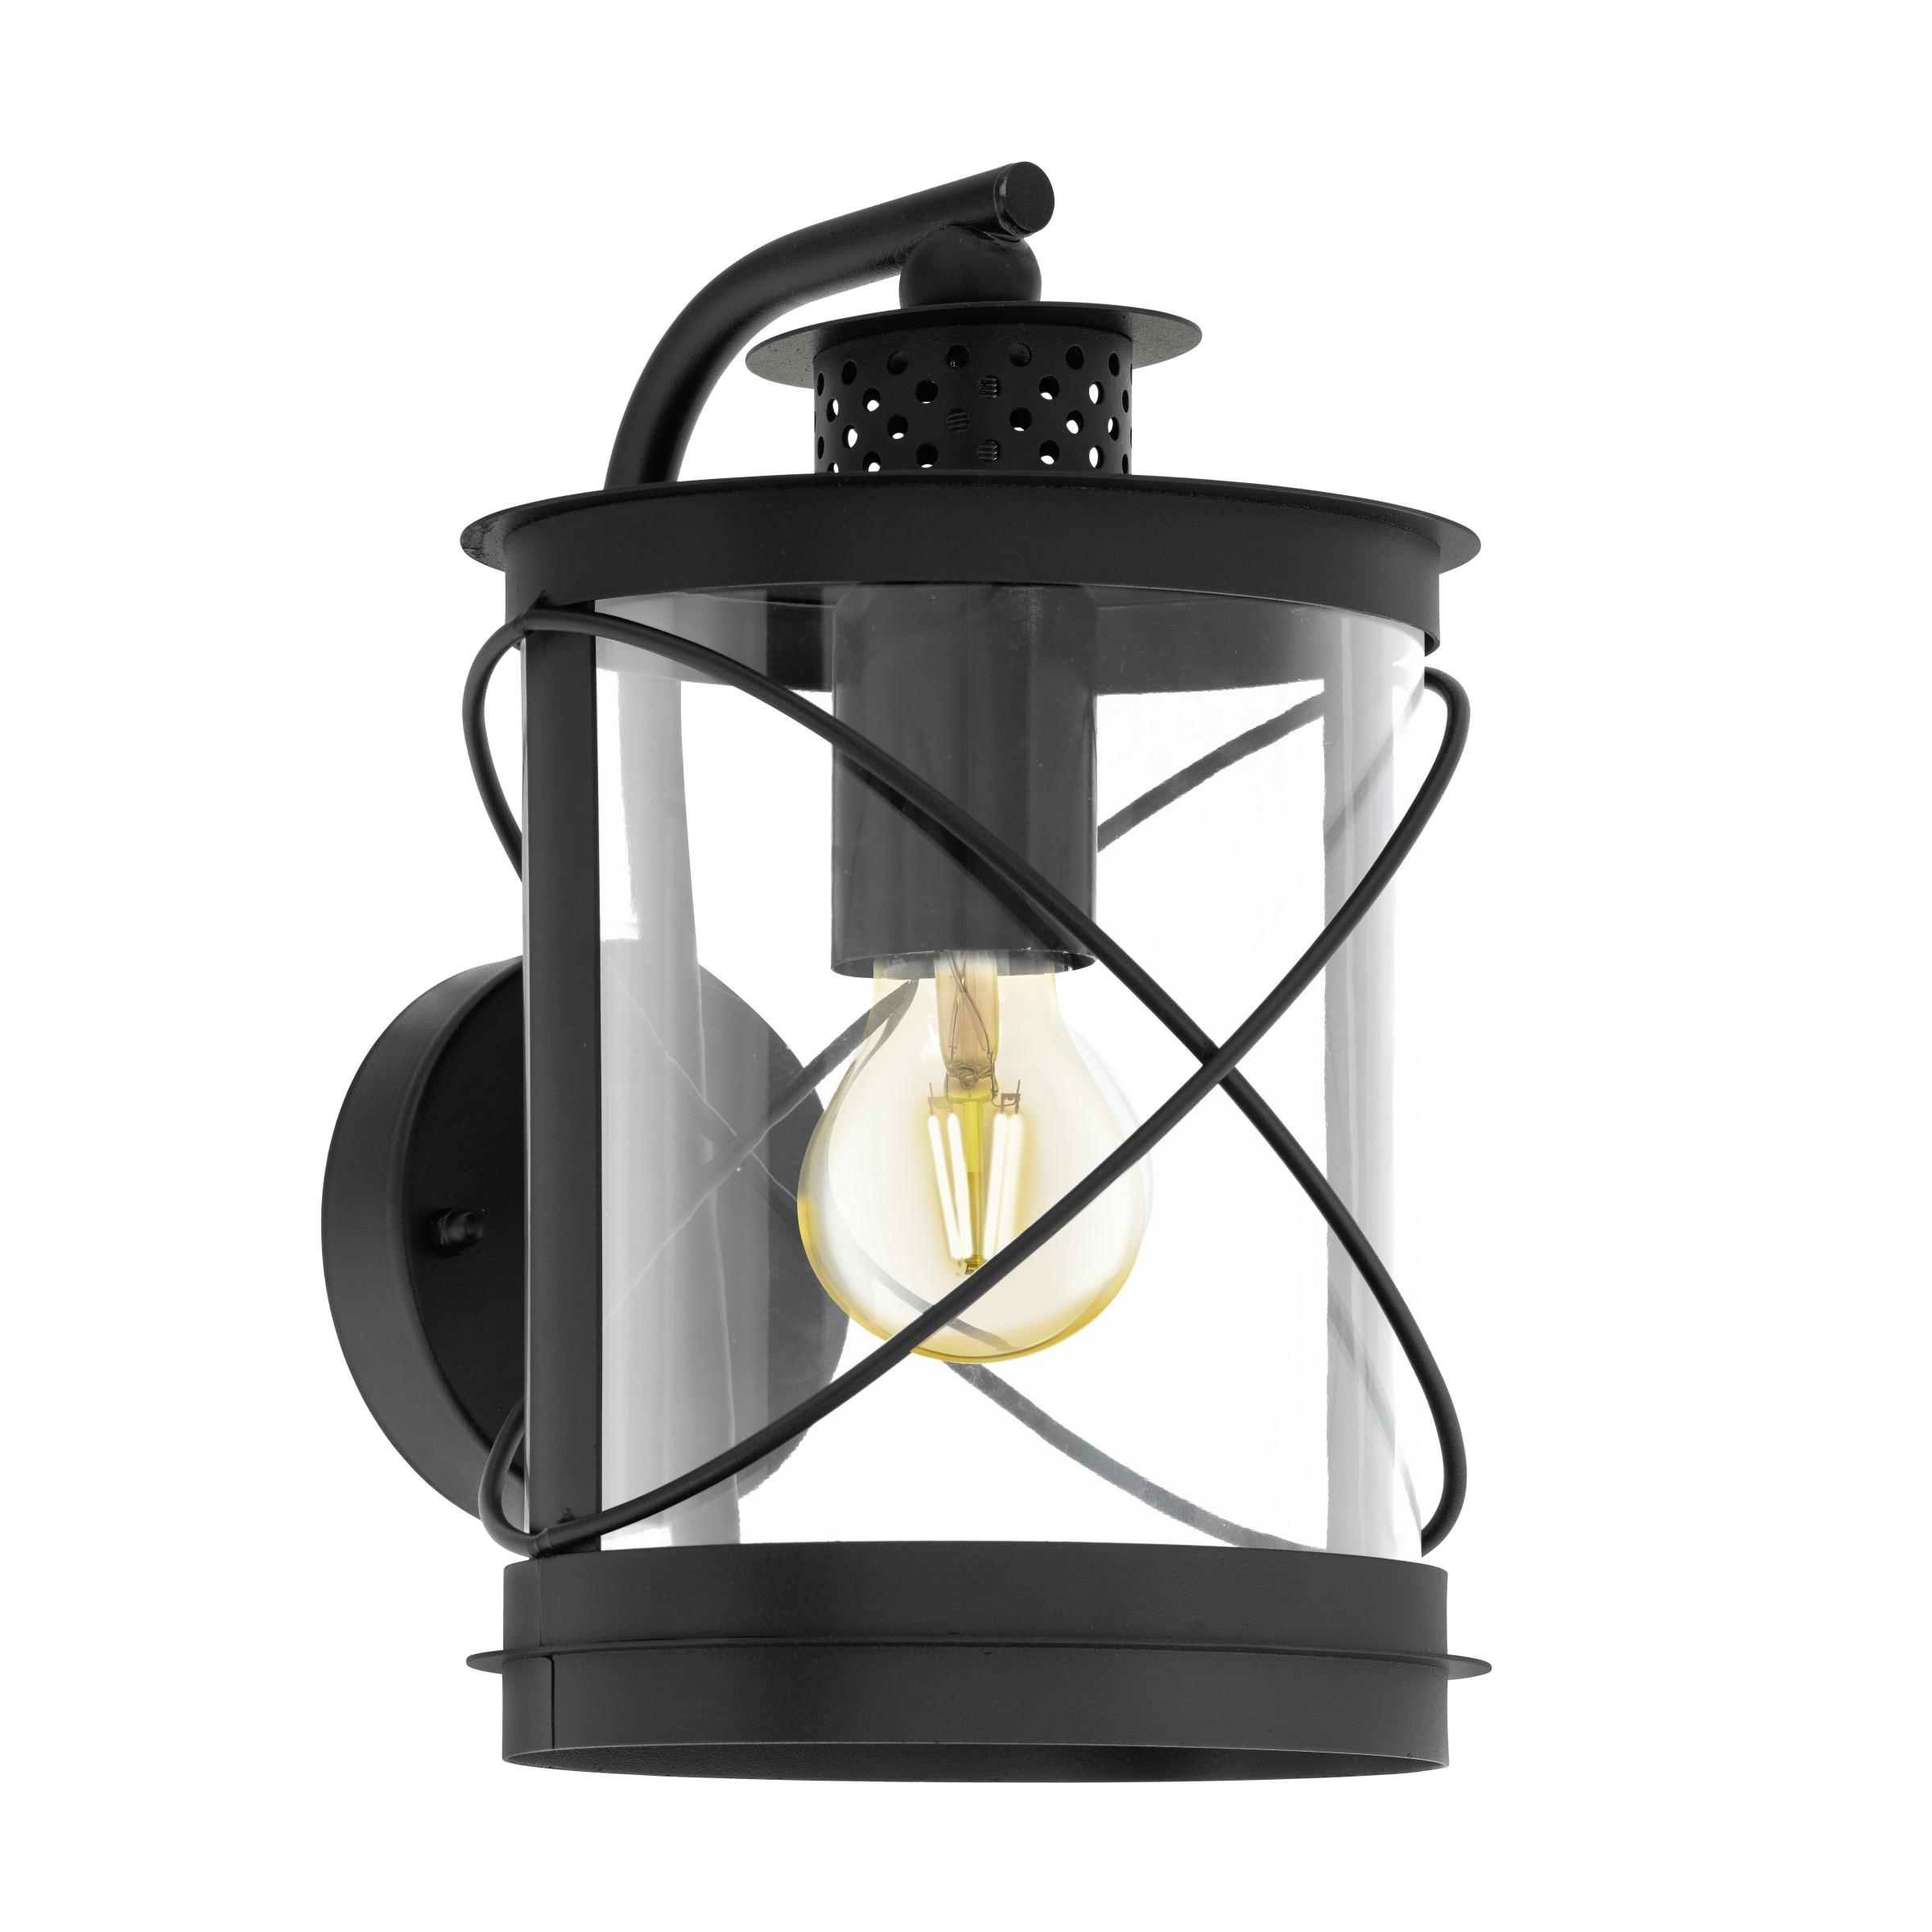 Eglo Tuinlampen 94843 Tuinverlichting